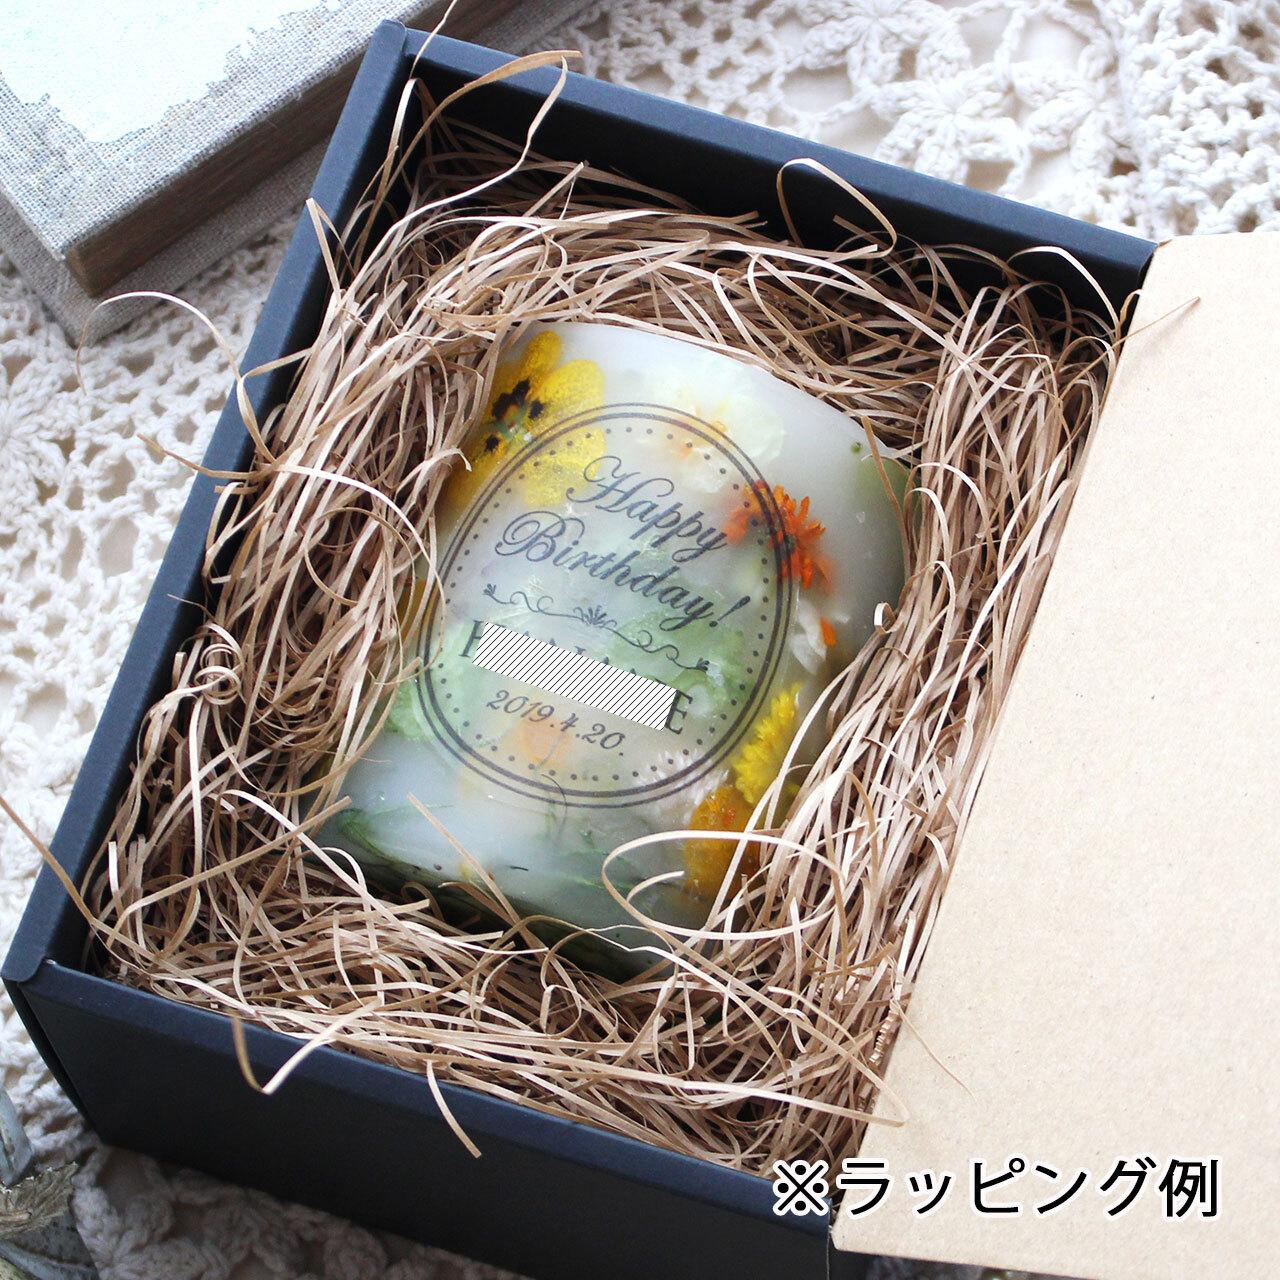 NC276 ギフトラッピング付き☆メッセージ&日付&名入れボタニカルキャンドル ローズ